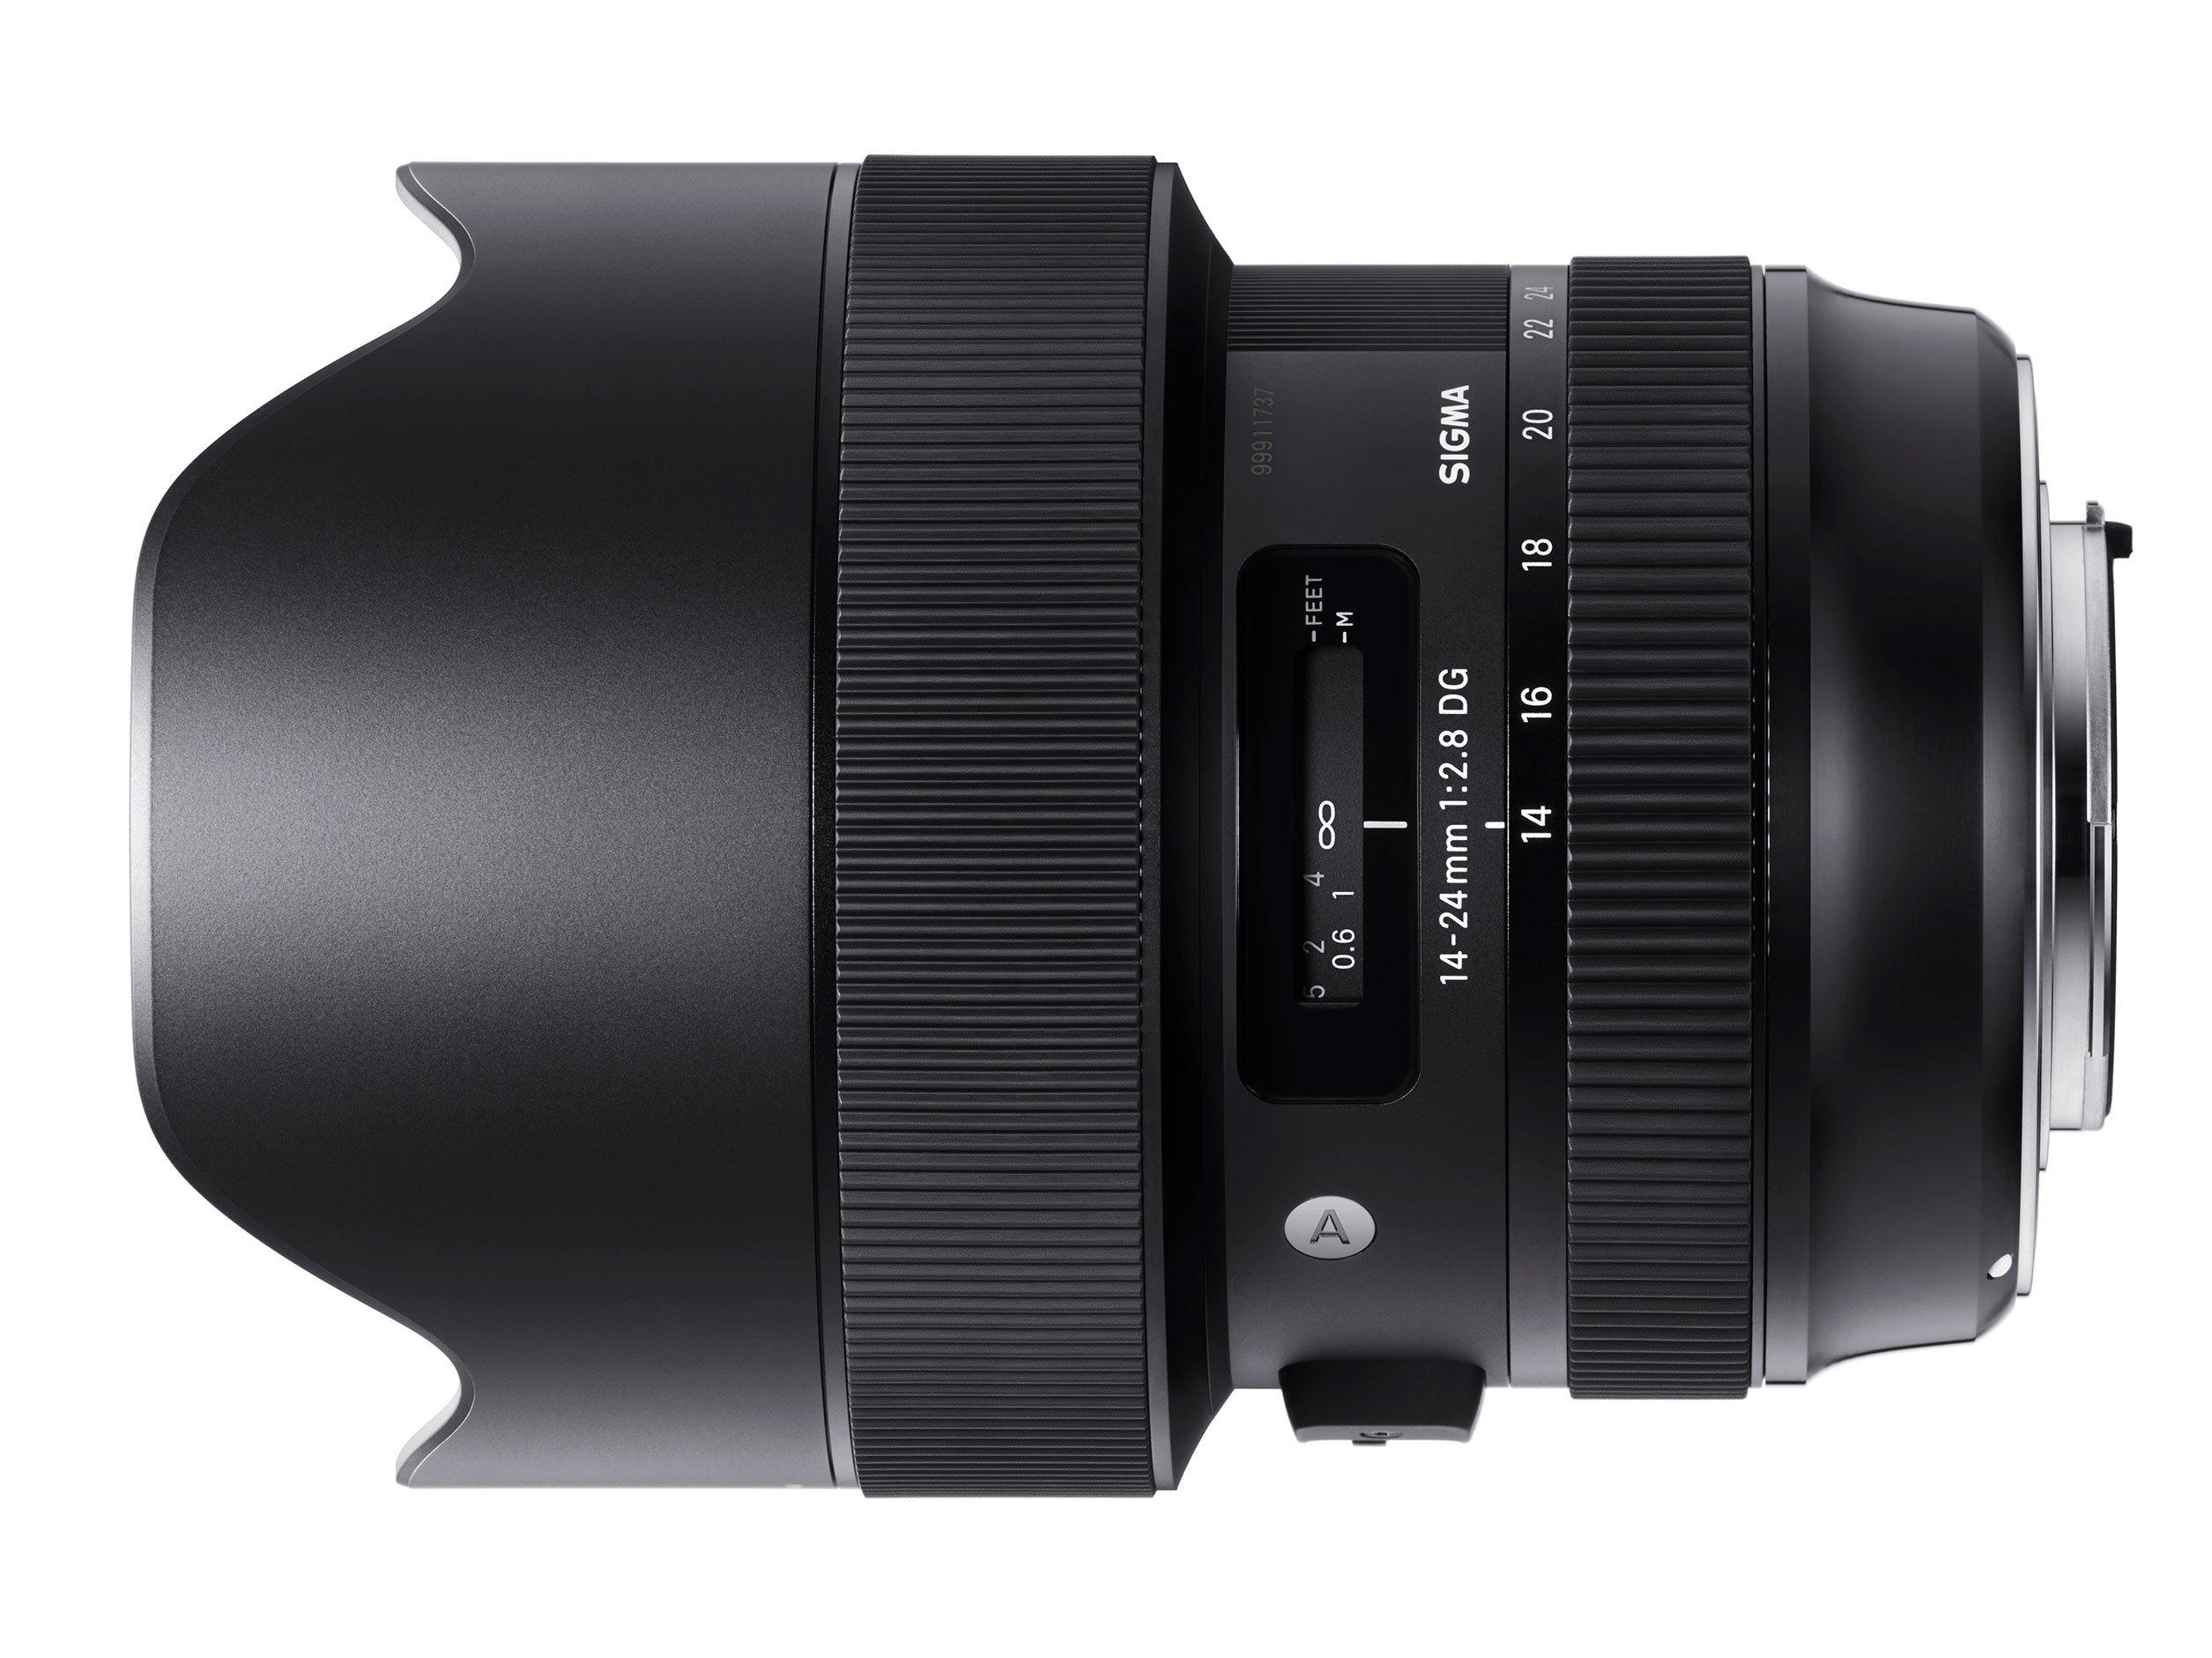 Đang tải Sigma 14-24mm F2.8 - Camera.tinhte.vn 5.jpg…